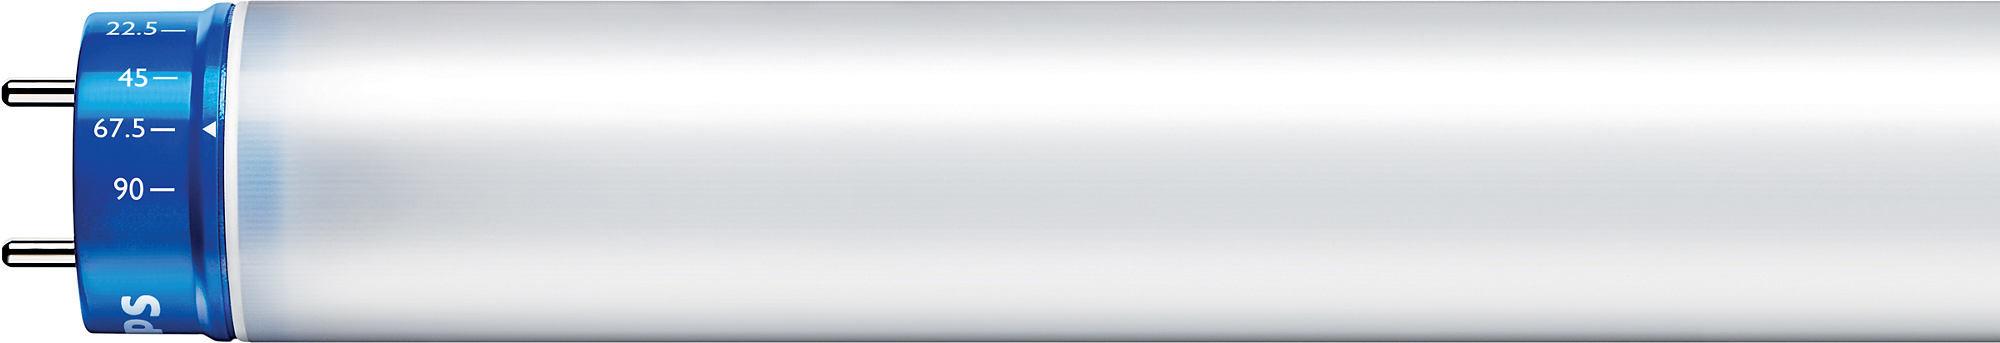 Philips MASTER LEDtube PERF 600mm 10.5W 830 T8 I ROT